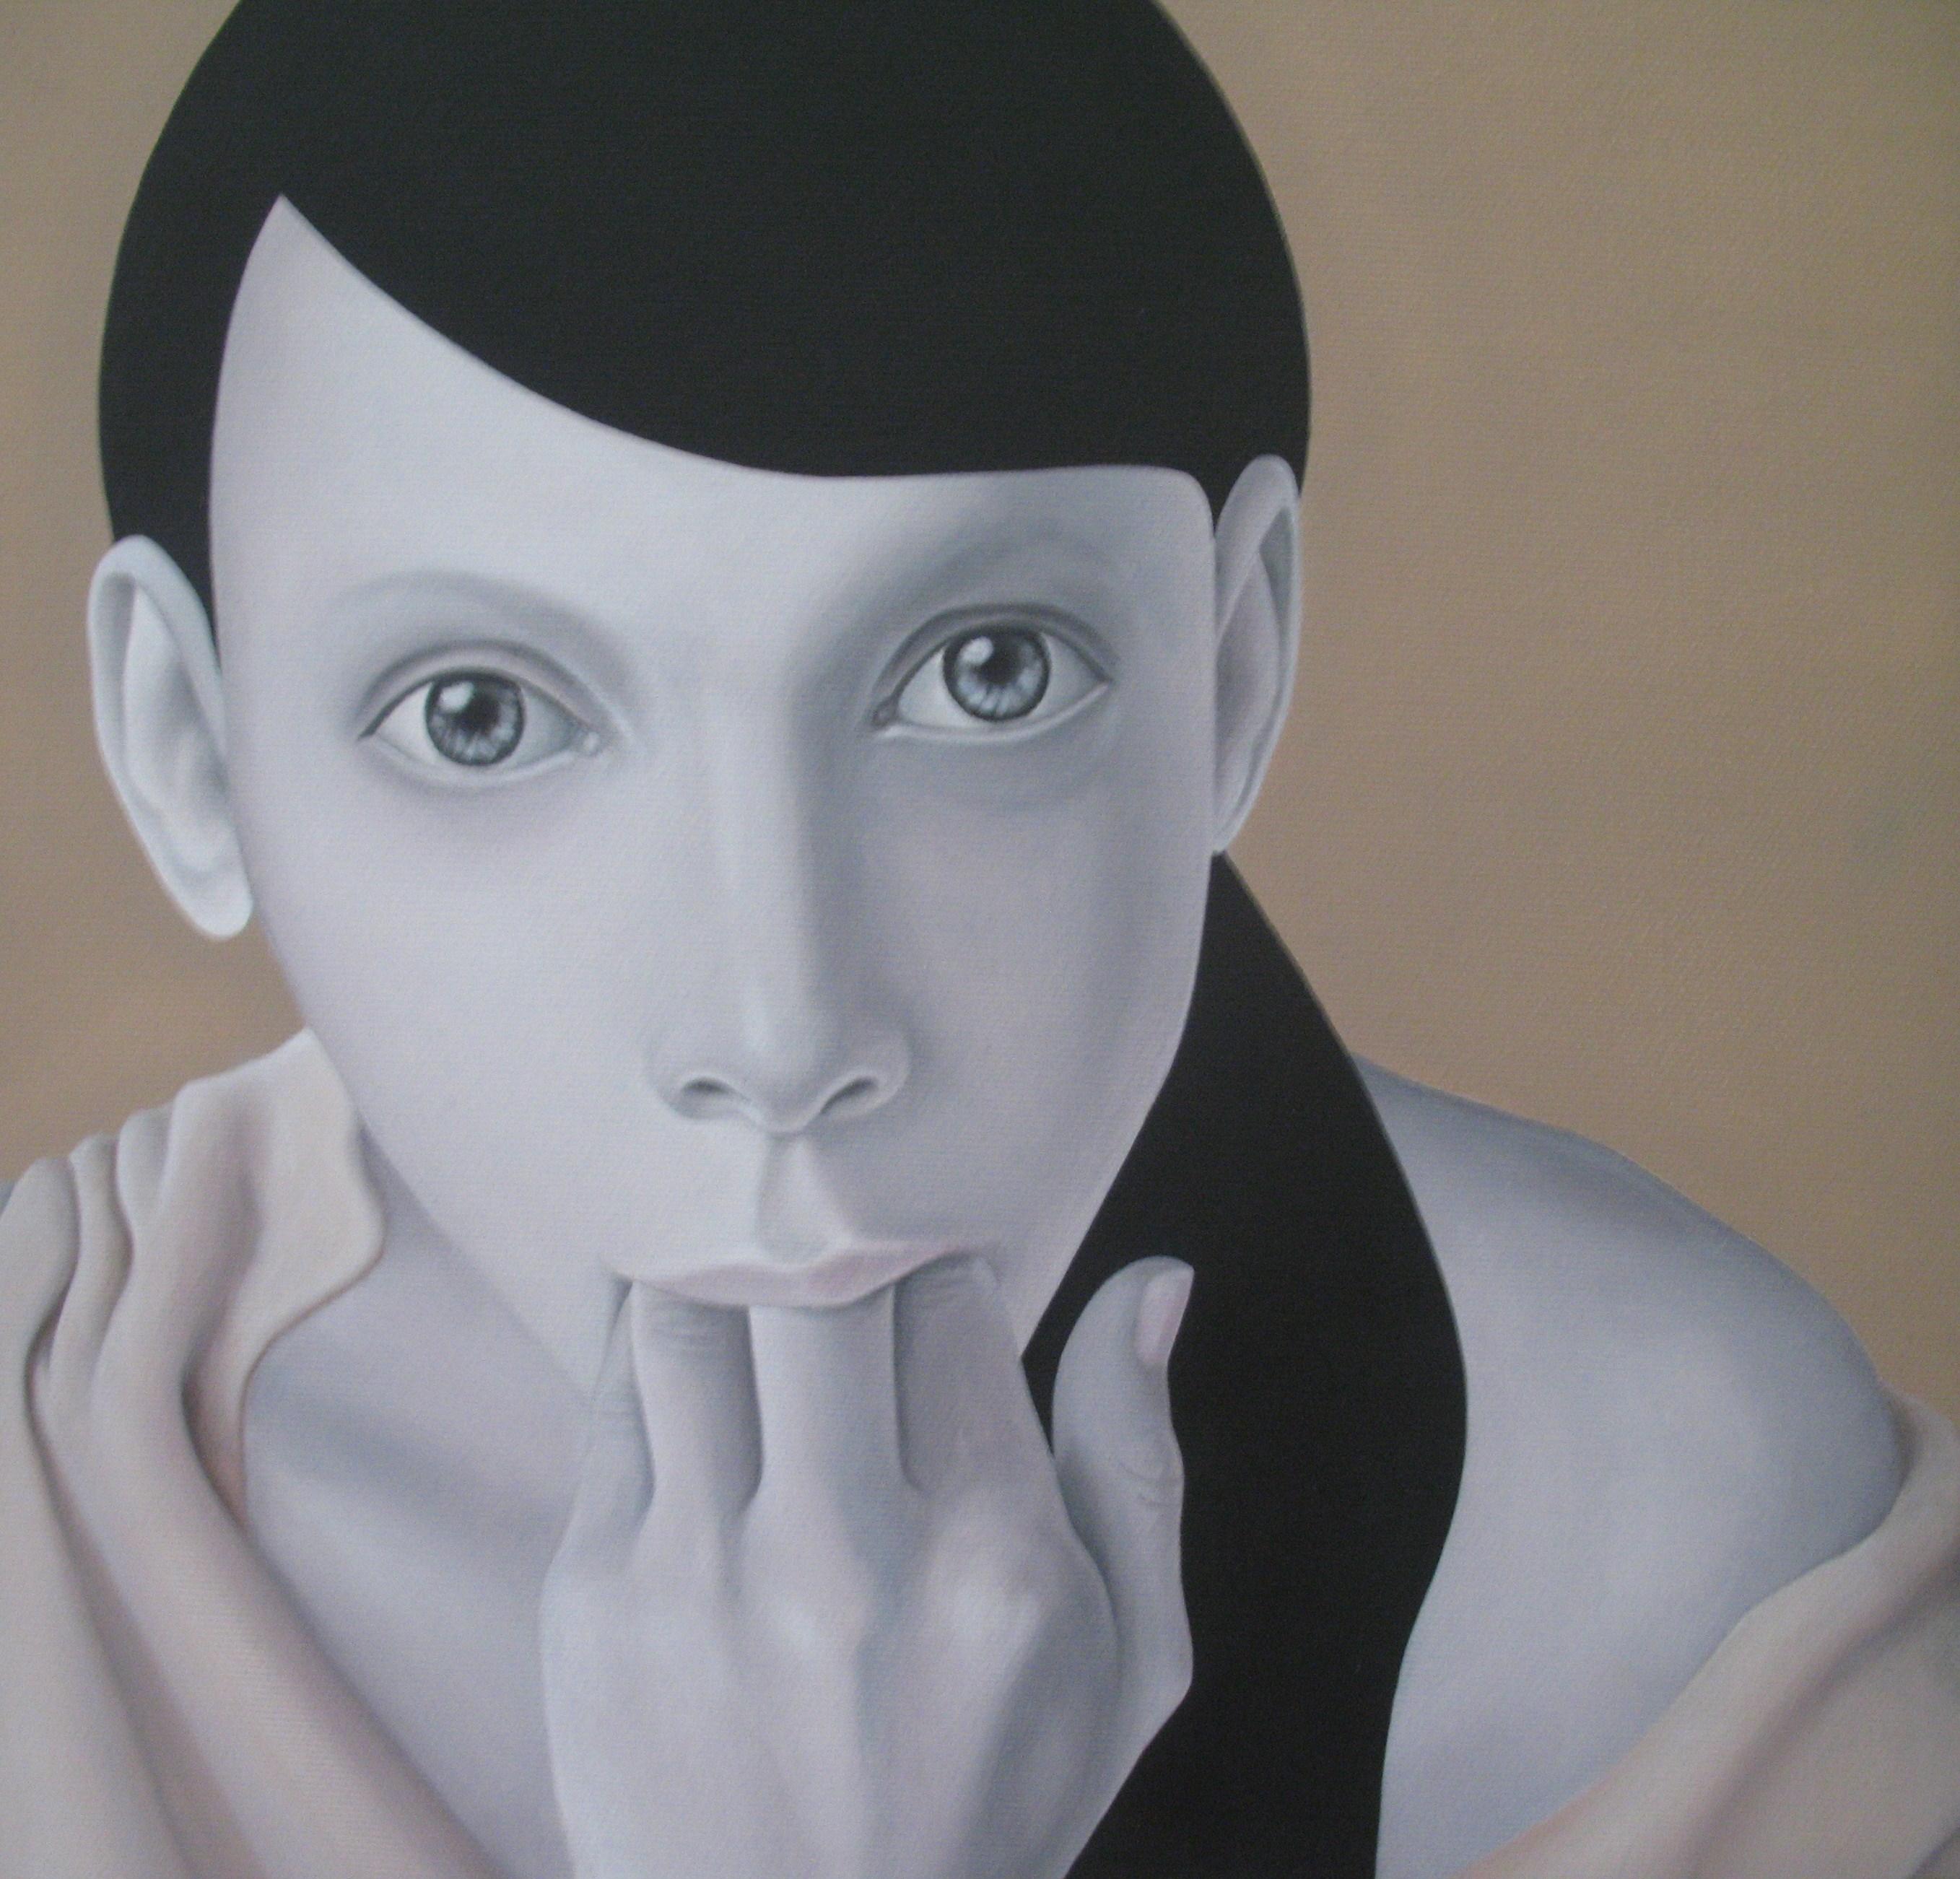 Искра Благоева, Love yourself, 2009, акрилни бои, платно, 30x30 см. Колекция Румен Драганов.